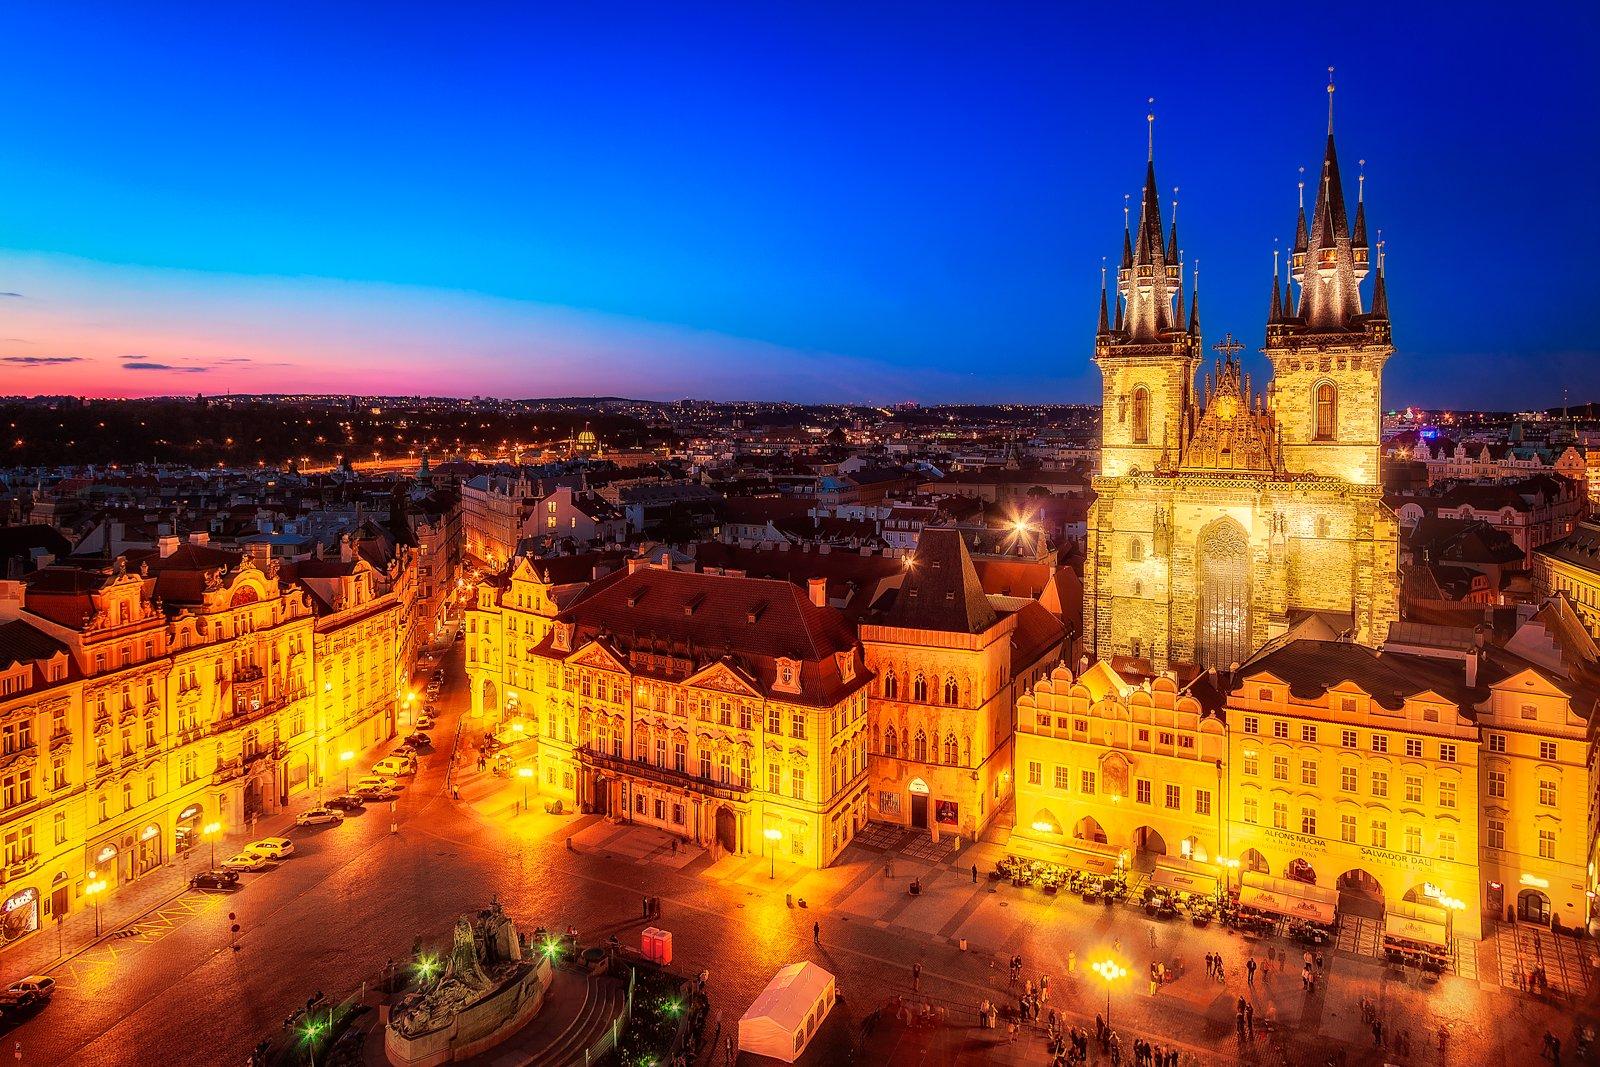 Altstädter Ring mit Teynkirche in Prag, Tschechische Republik im Licht der Nacht